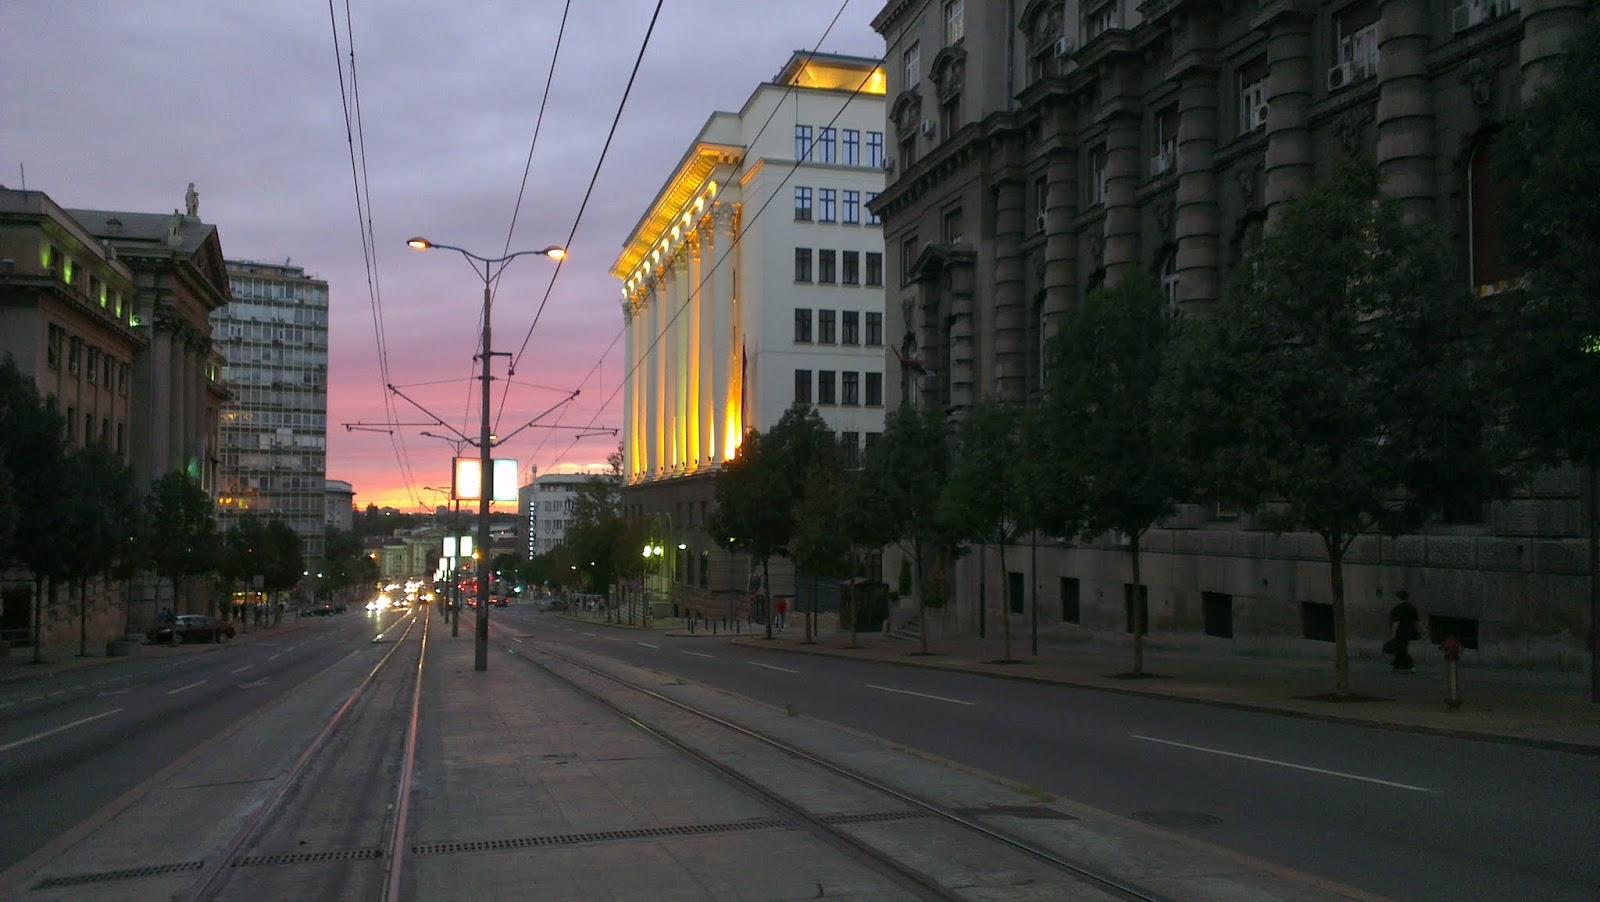 Anocheciendo el Belgrado.